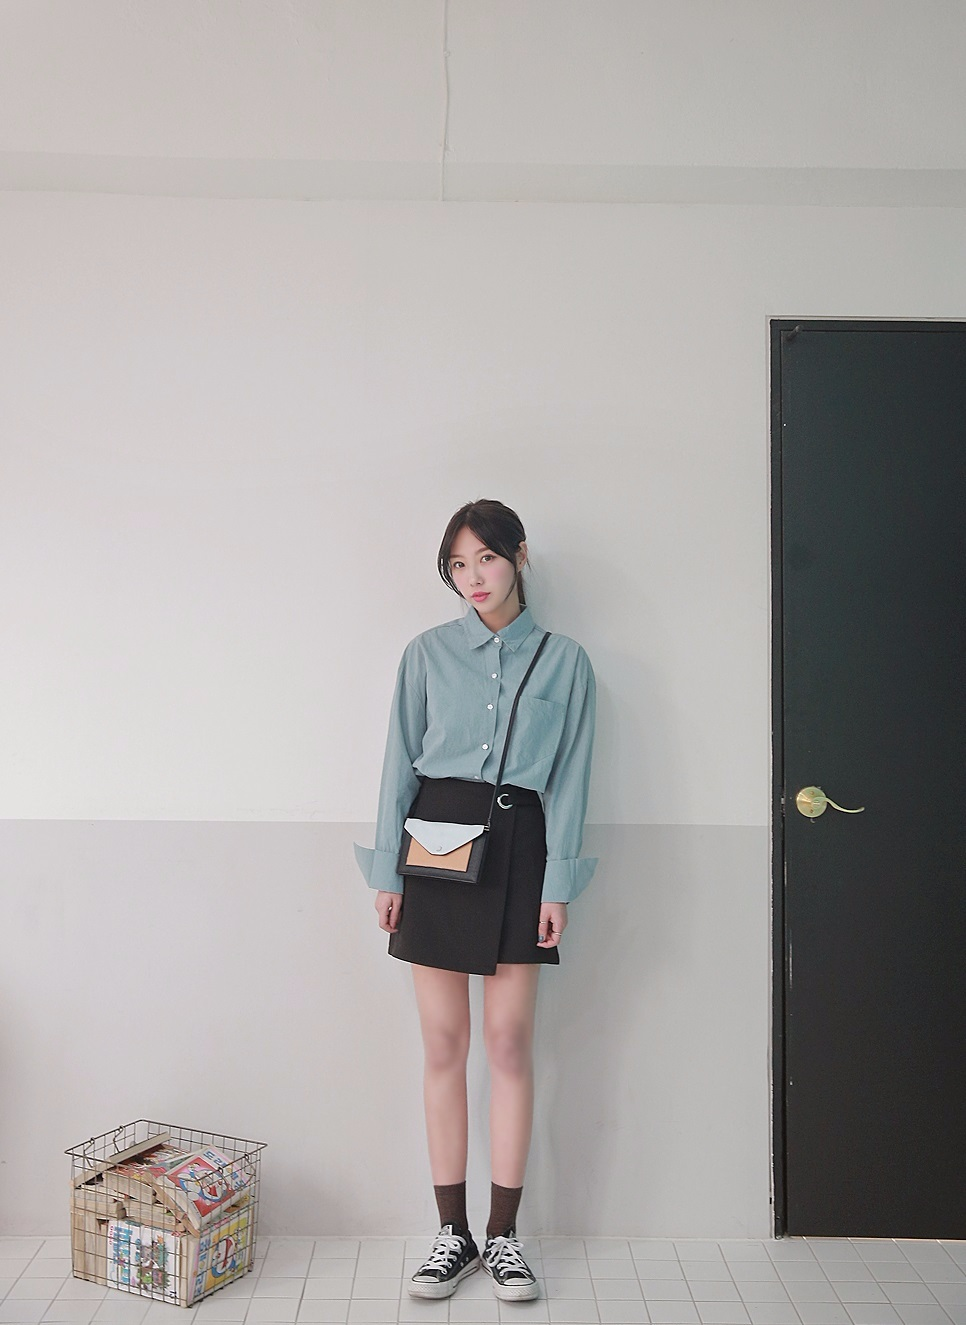 ►DARLLYSHOP  長袖襯衫 原價₩42,900左右 打折後₩11900 襯衫絕對是女孩衣櫥內必備的單品!怎麼搭都好看而且還有種文青氣息,想要迷倒男生就不能沒有啊!這件長袖襯衫打完折的價格只要台幣316元,是不是跟韓國地下街的價格一樣啊?